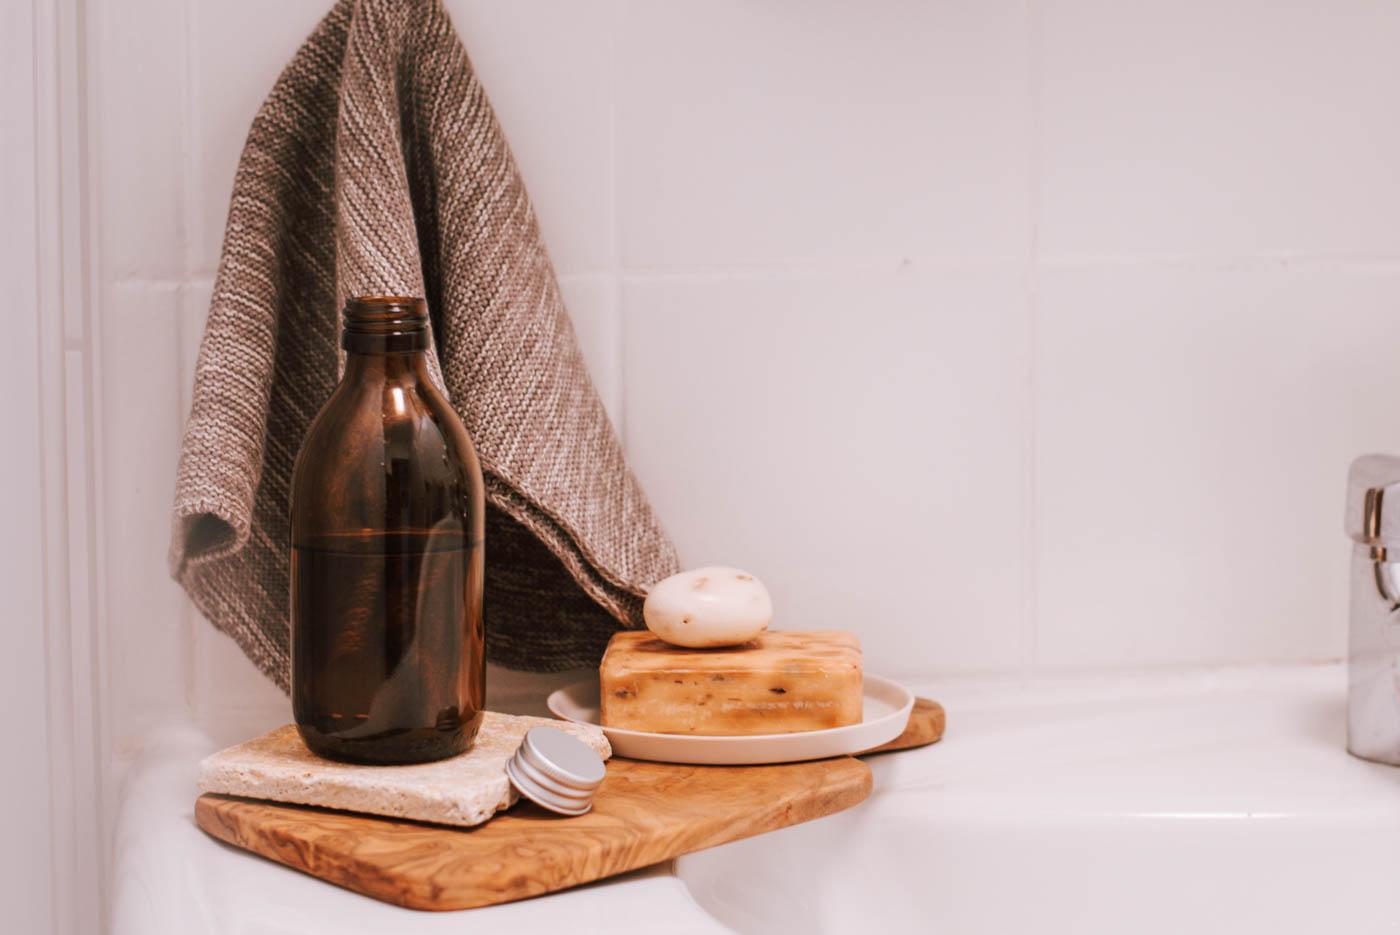 Sommerlich erfrischendes Körperöl selber machen - das gelingt total einfach. Meine Anleitung für euer liebstes DIY Naturkosmetik Körperöl.